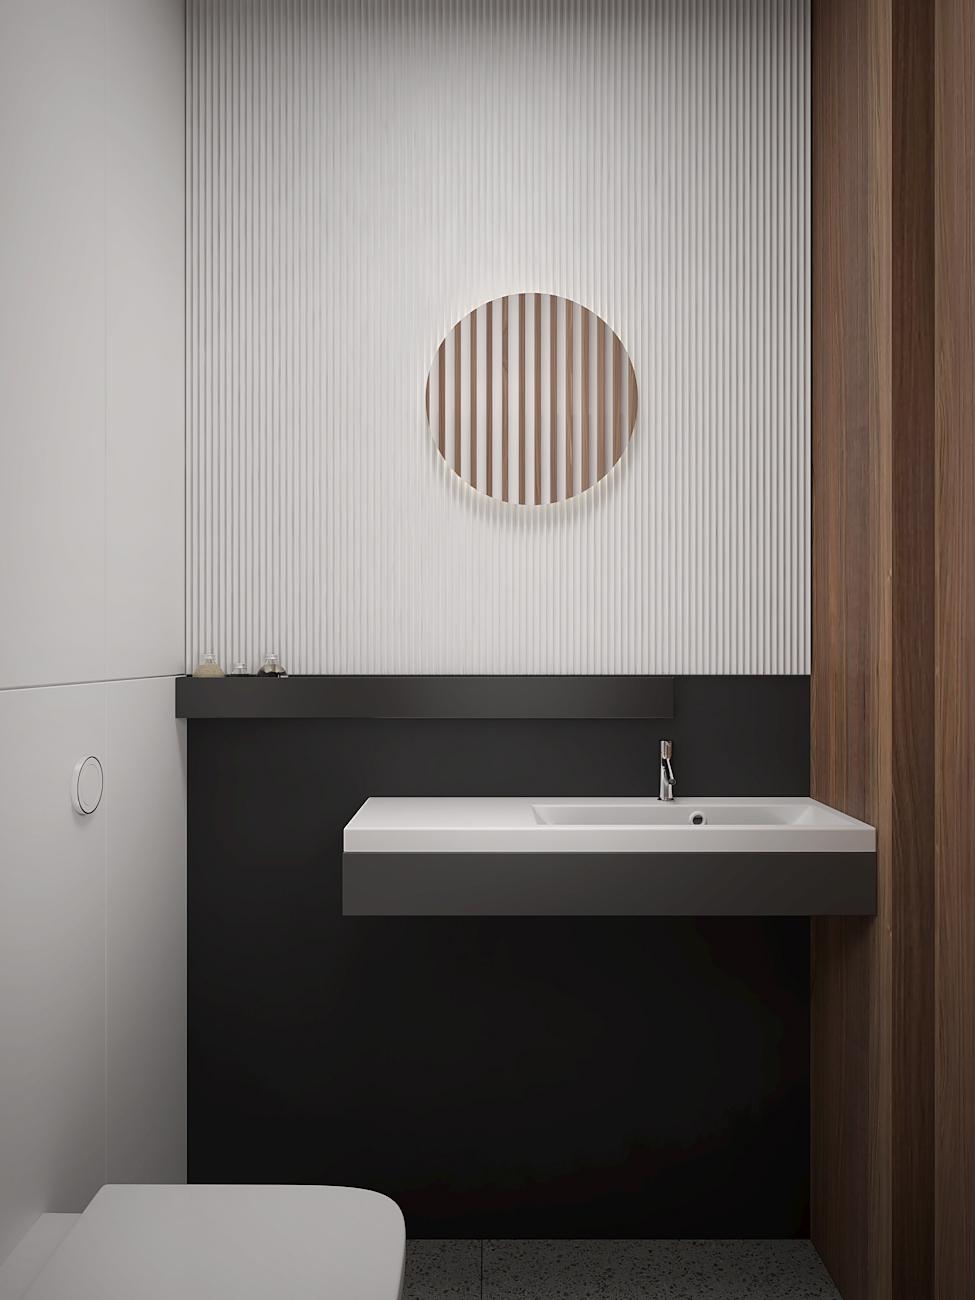 18 aranzacja wnetrza M563 mieszkanie katowice toaleta czarno biala scian z bialymi lamelami wiszaca umywalaka czarne dodatki